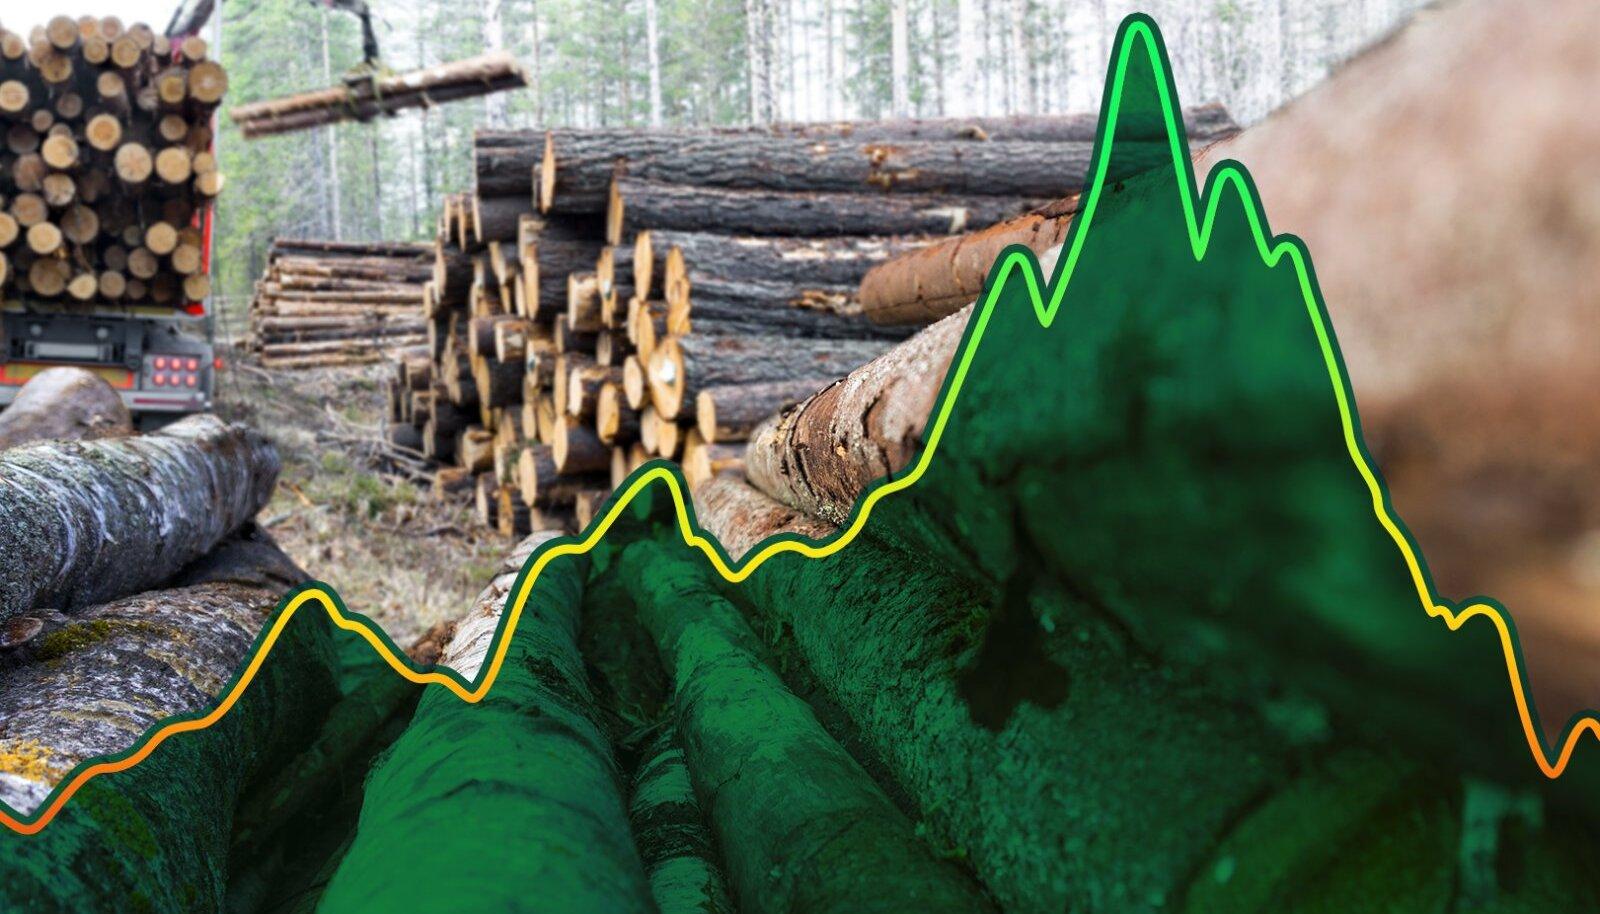 Graafik: Saematerjali hind maailmaturul 2021, allikas: Nasdaq